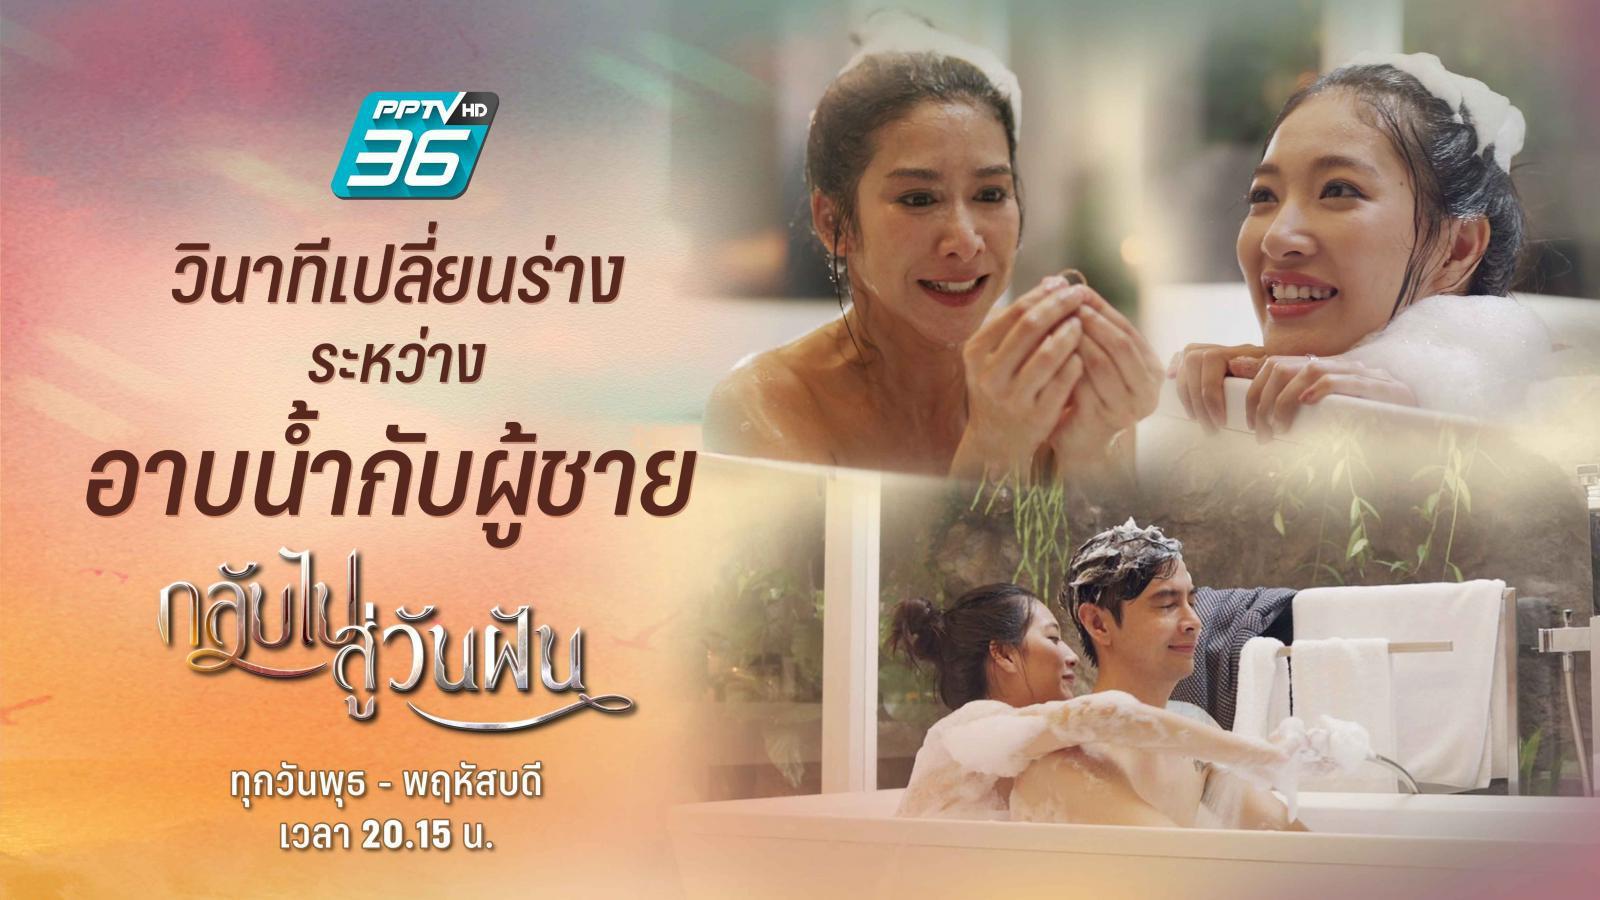 กลับไปสู่วันฝัน EP.12 | ฟินสุด | วินาทีเปลี่ยนร่าง ระหว่างอาบน้ำกับผู้ชาย | PPTV HD 36